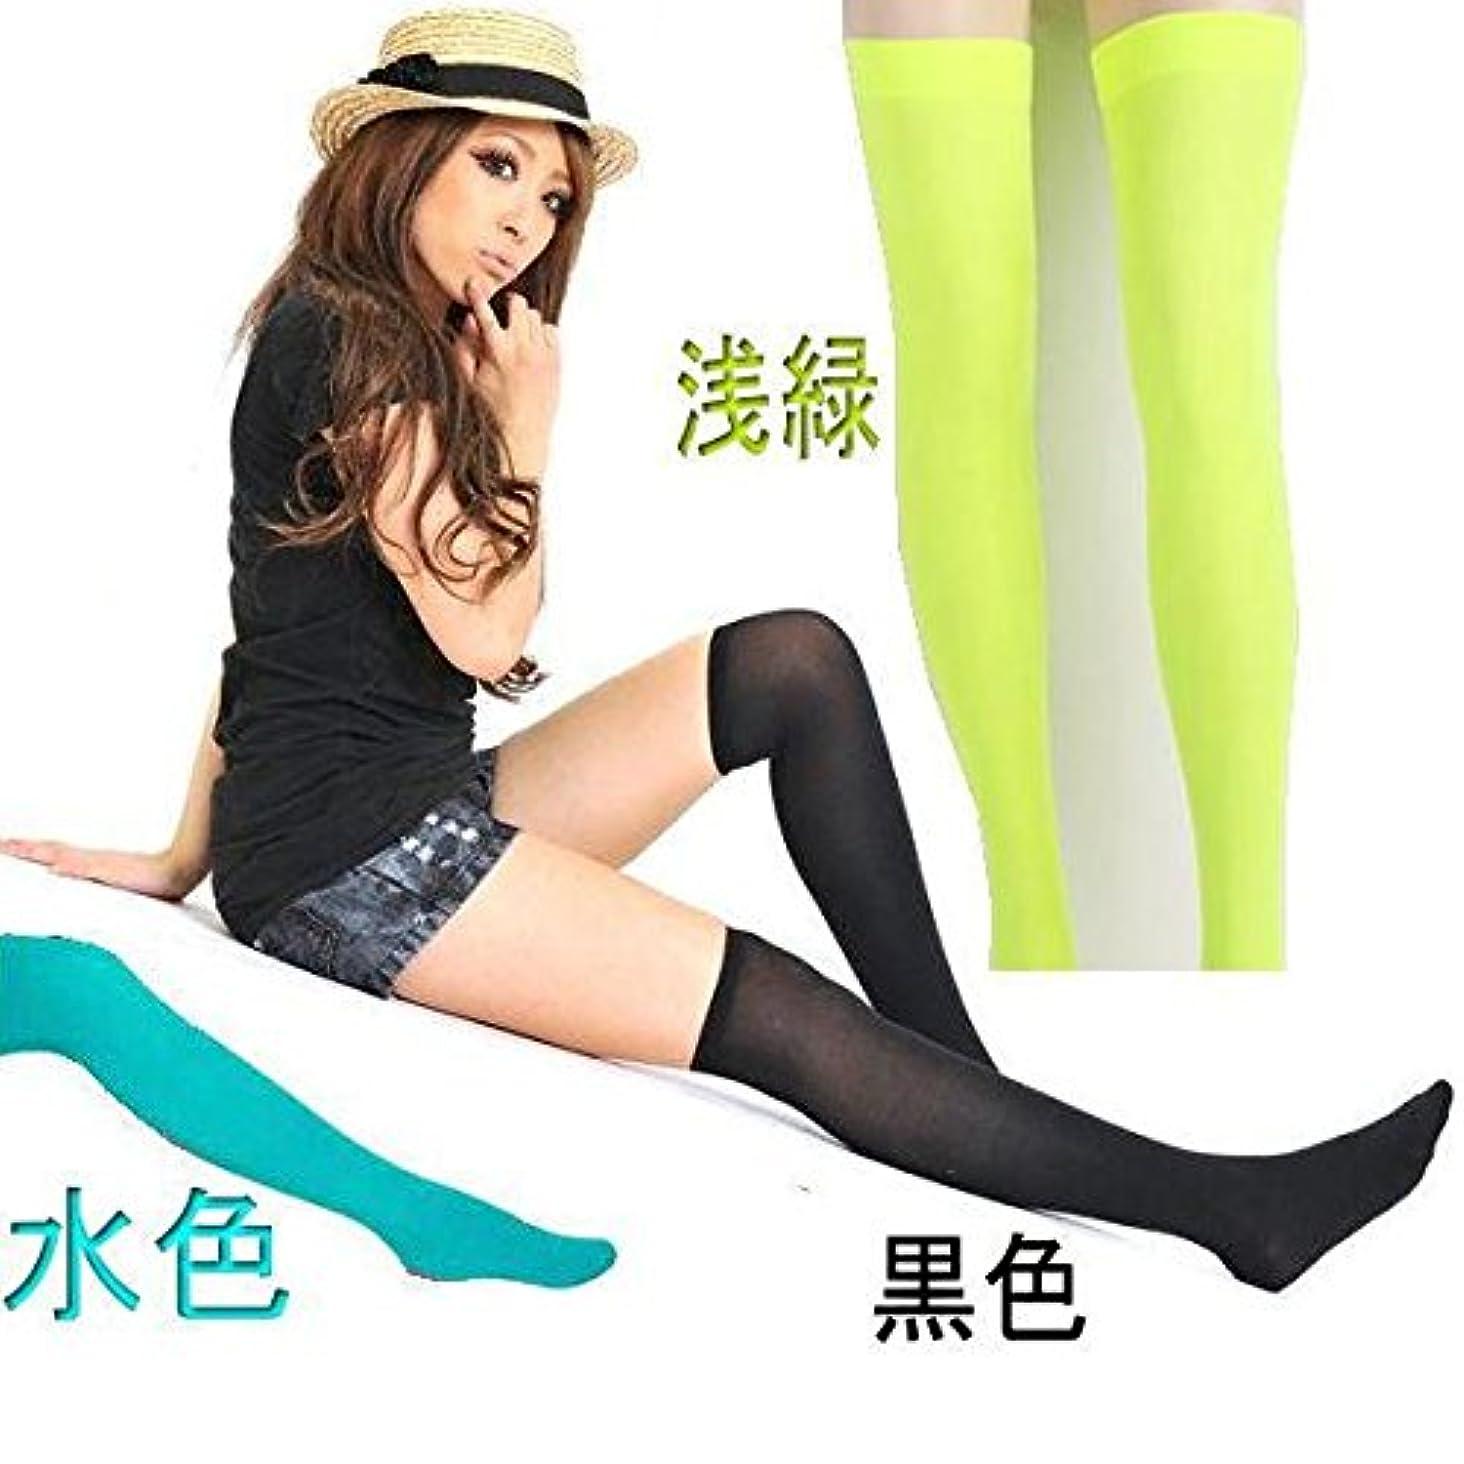 生じる用量なに2色カラー美脚ソックス 極上美脚ニーハイソックス 美脚効果大 足元オシャレ (水色)